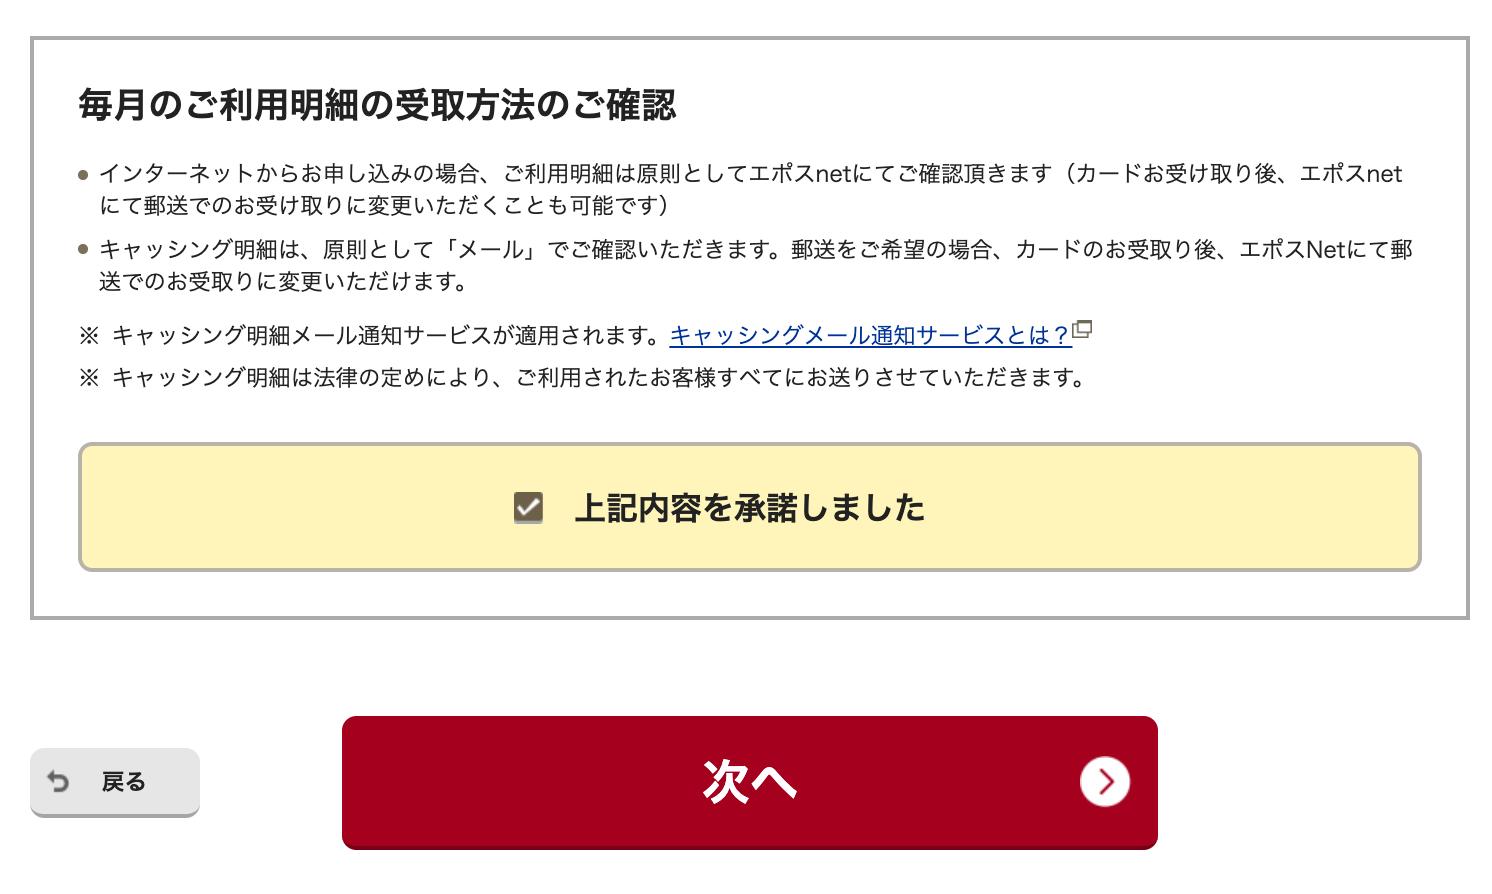 エポスカード申込み手順17